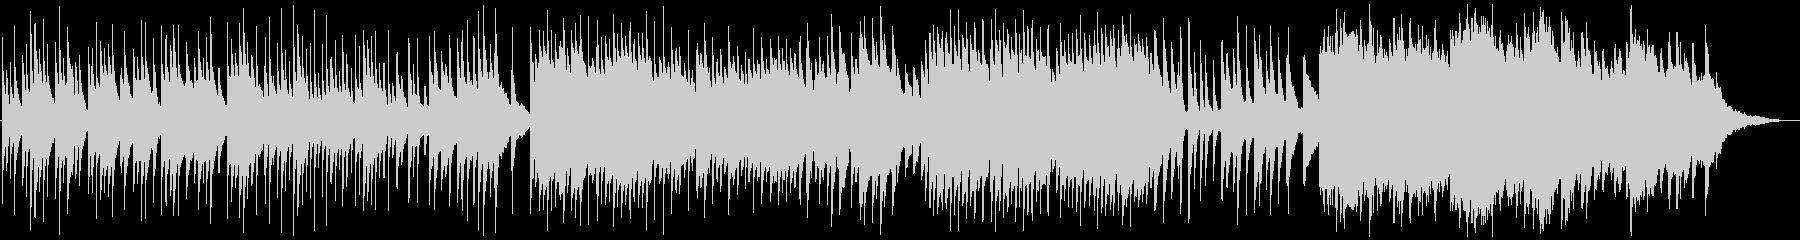 オルゴール的ピアノで感動的明るく切ないの未再生の波形